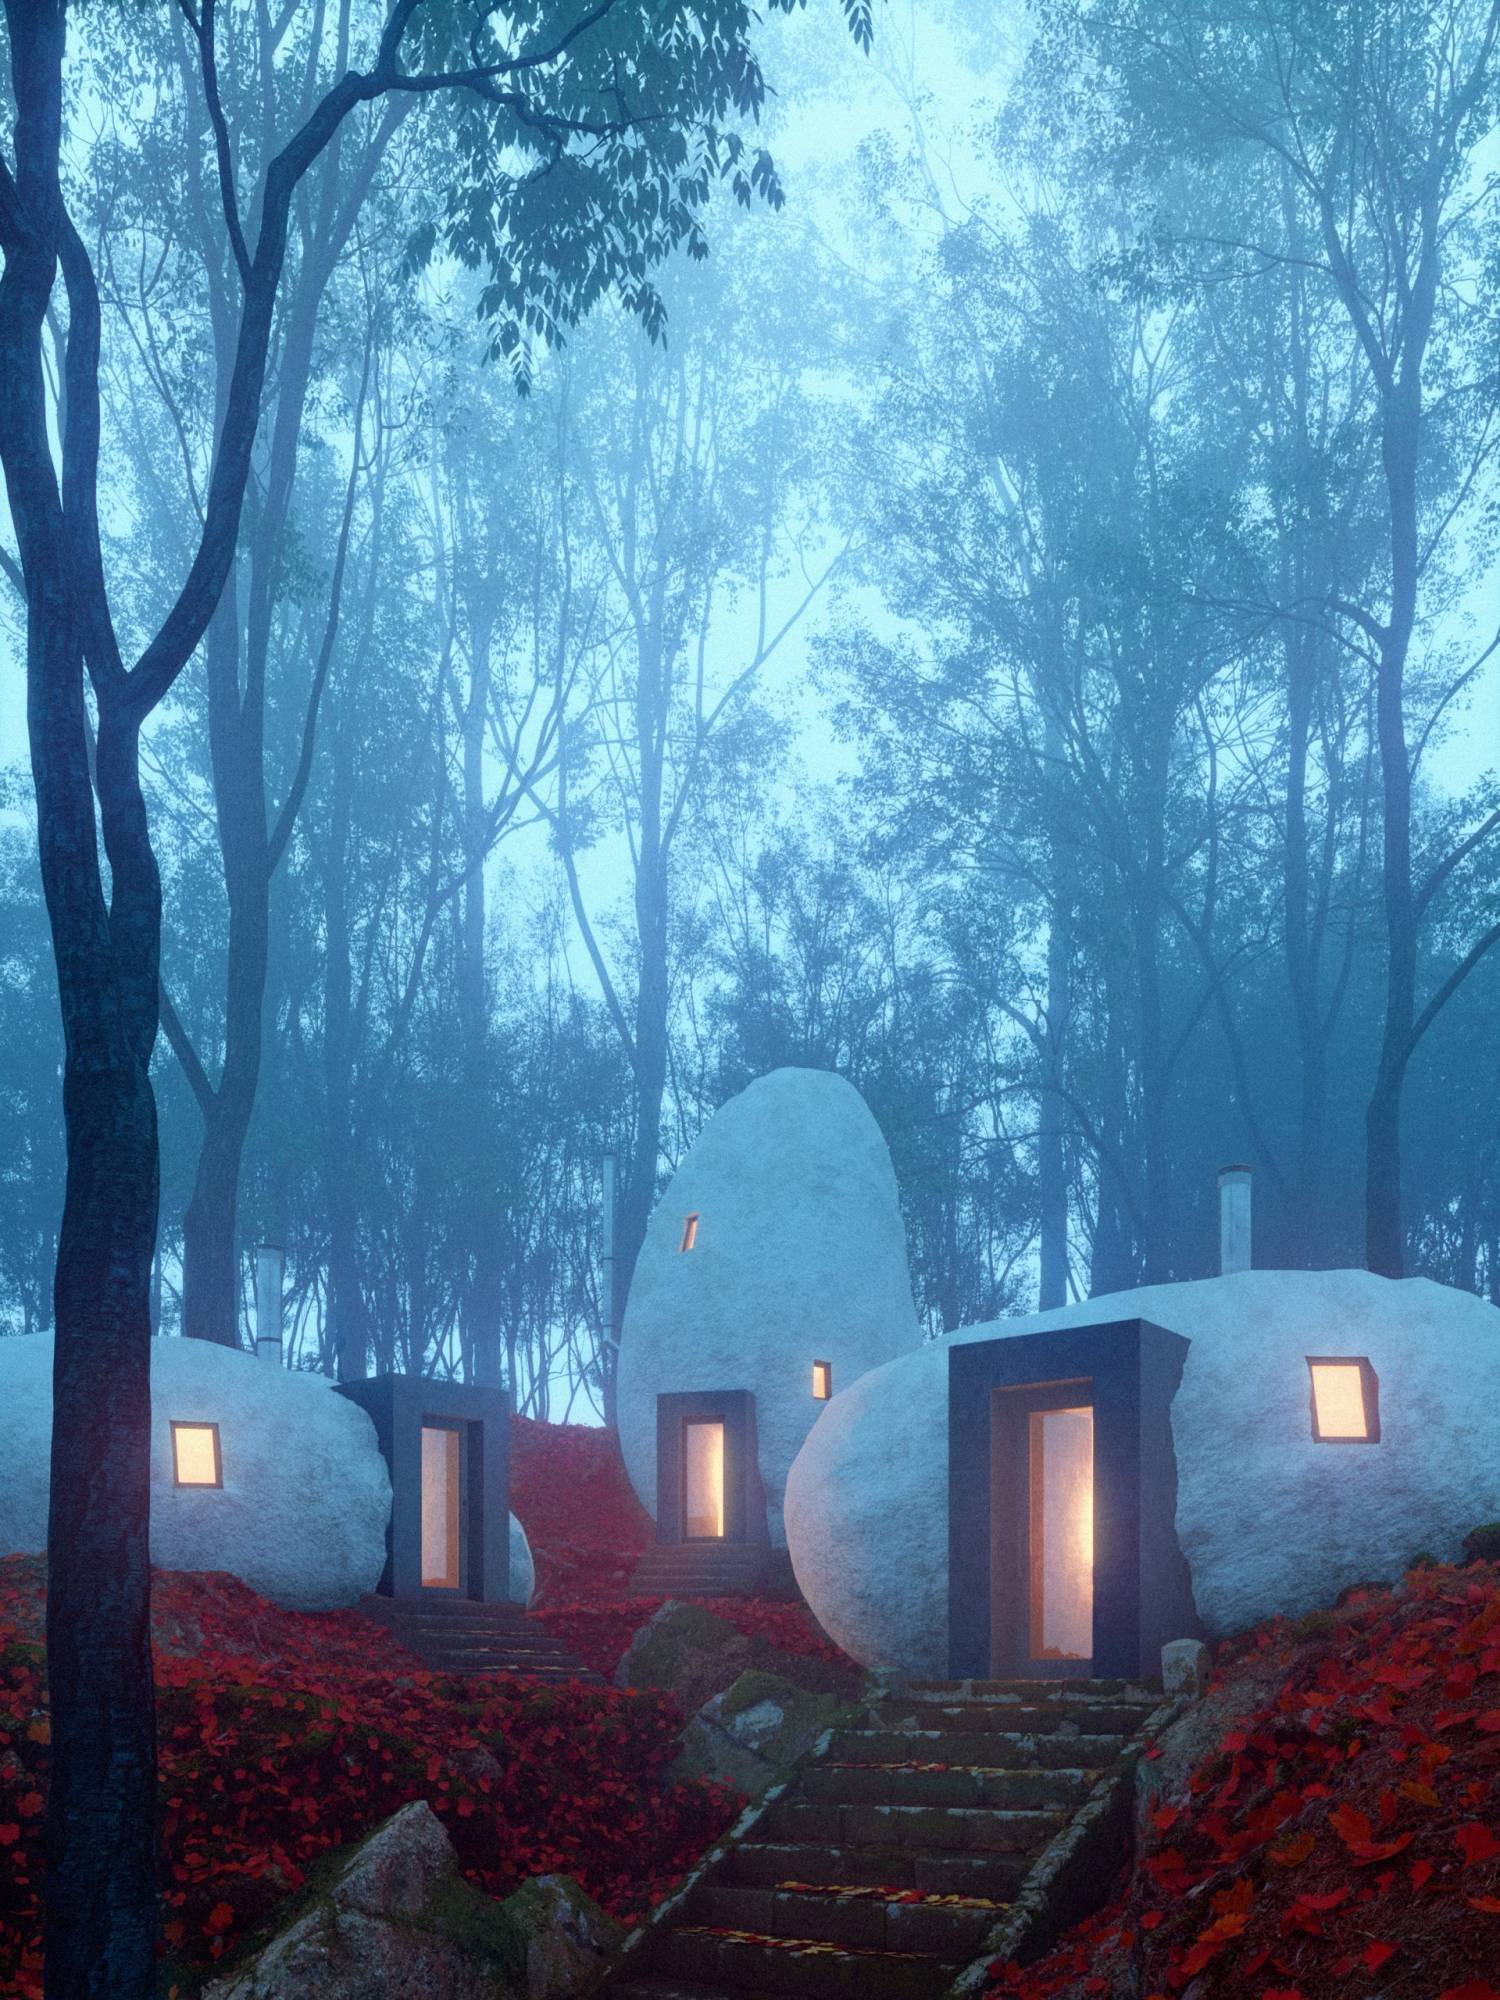 davit y mary jilavyan son los creadores del hotel boutique dolmen shelter 13